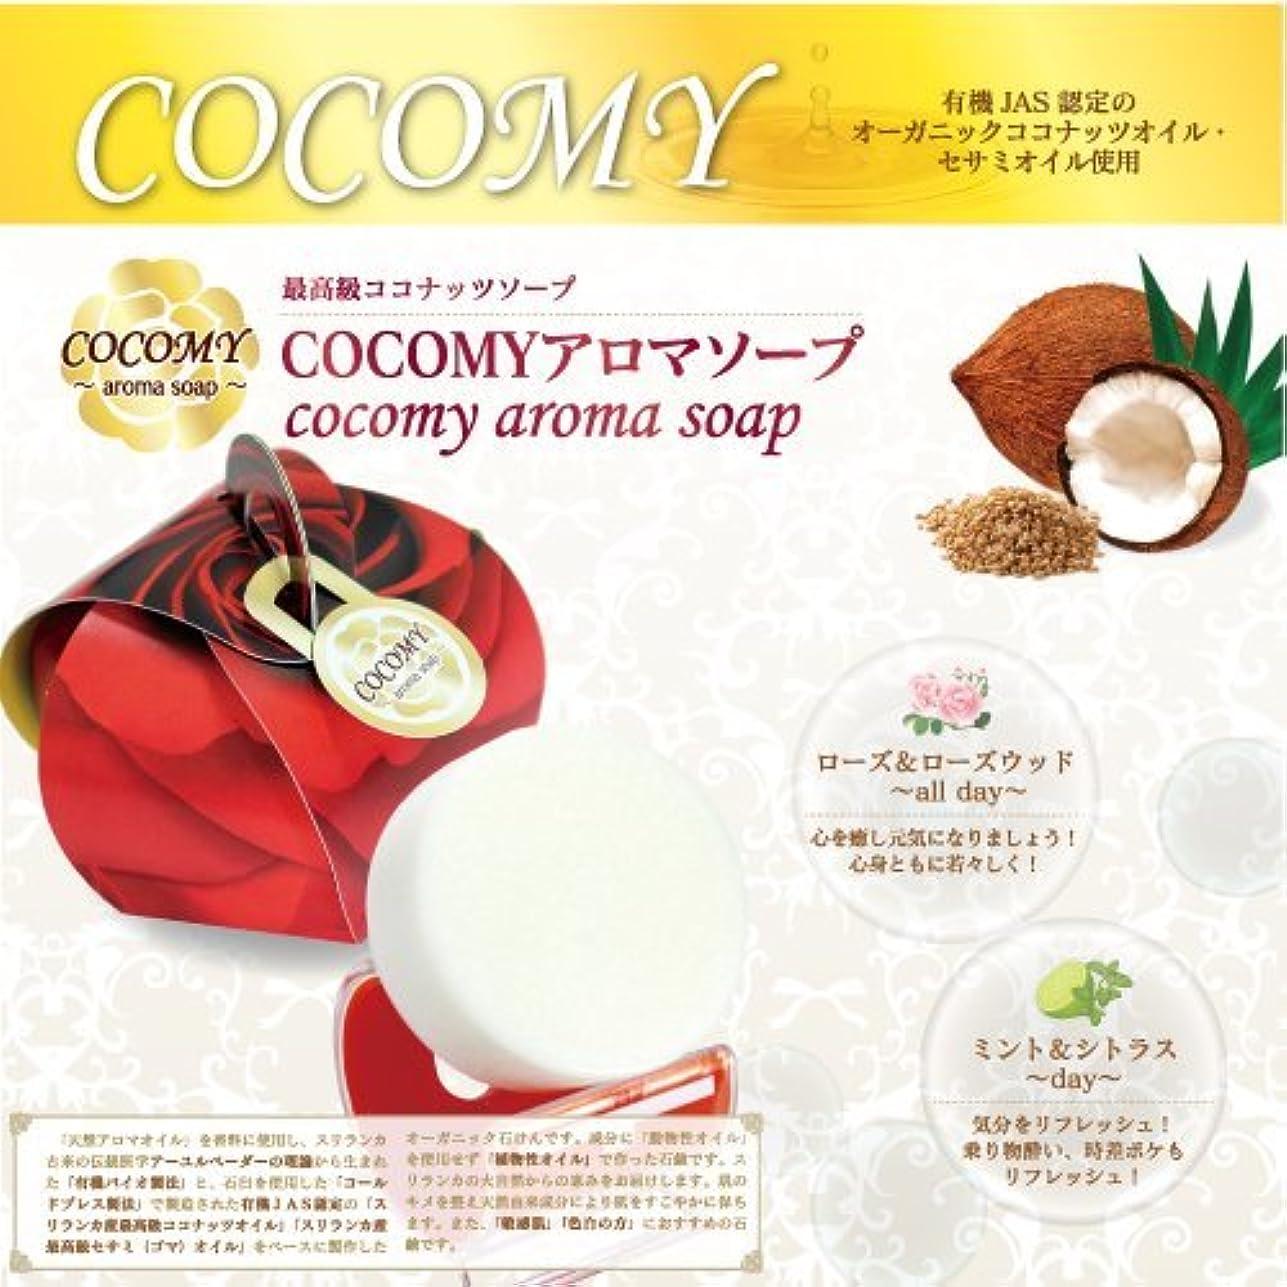 ご予約幸運なことに賞賛するCOCOMY aromaソープ 4個セット (ミント&シトラス)(ローズ&ローズウッド) 40g×各2